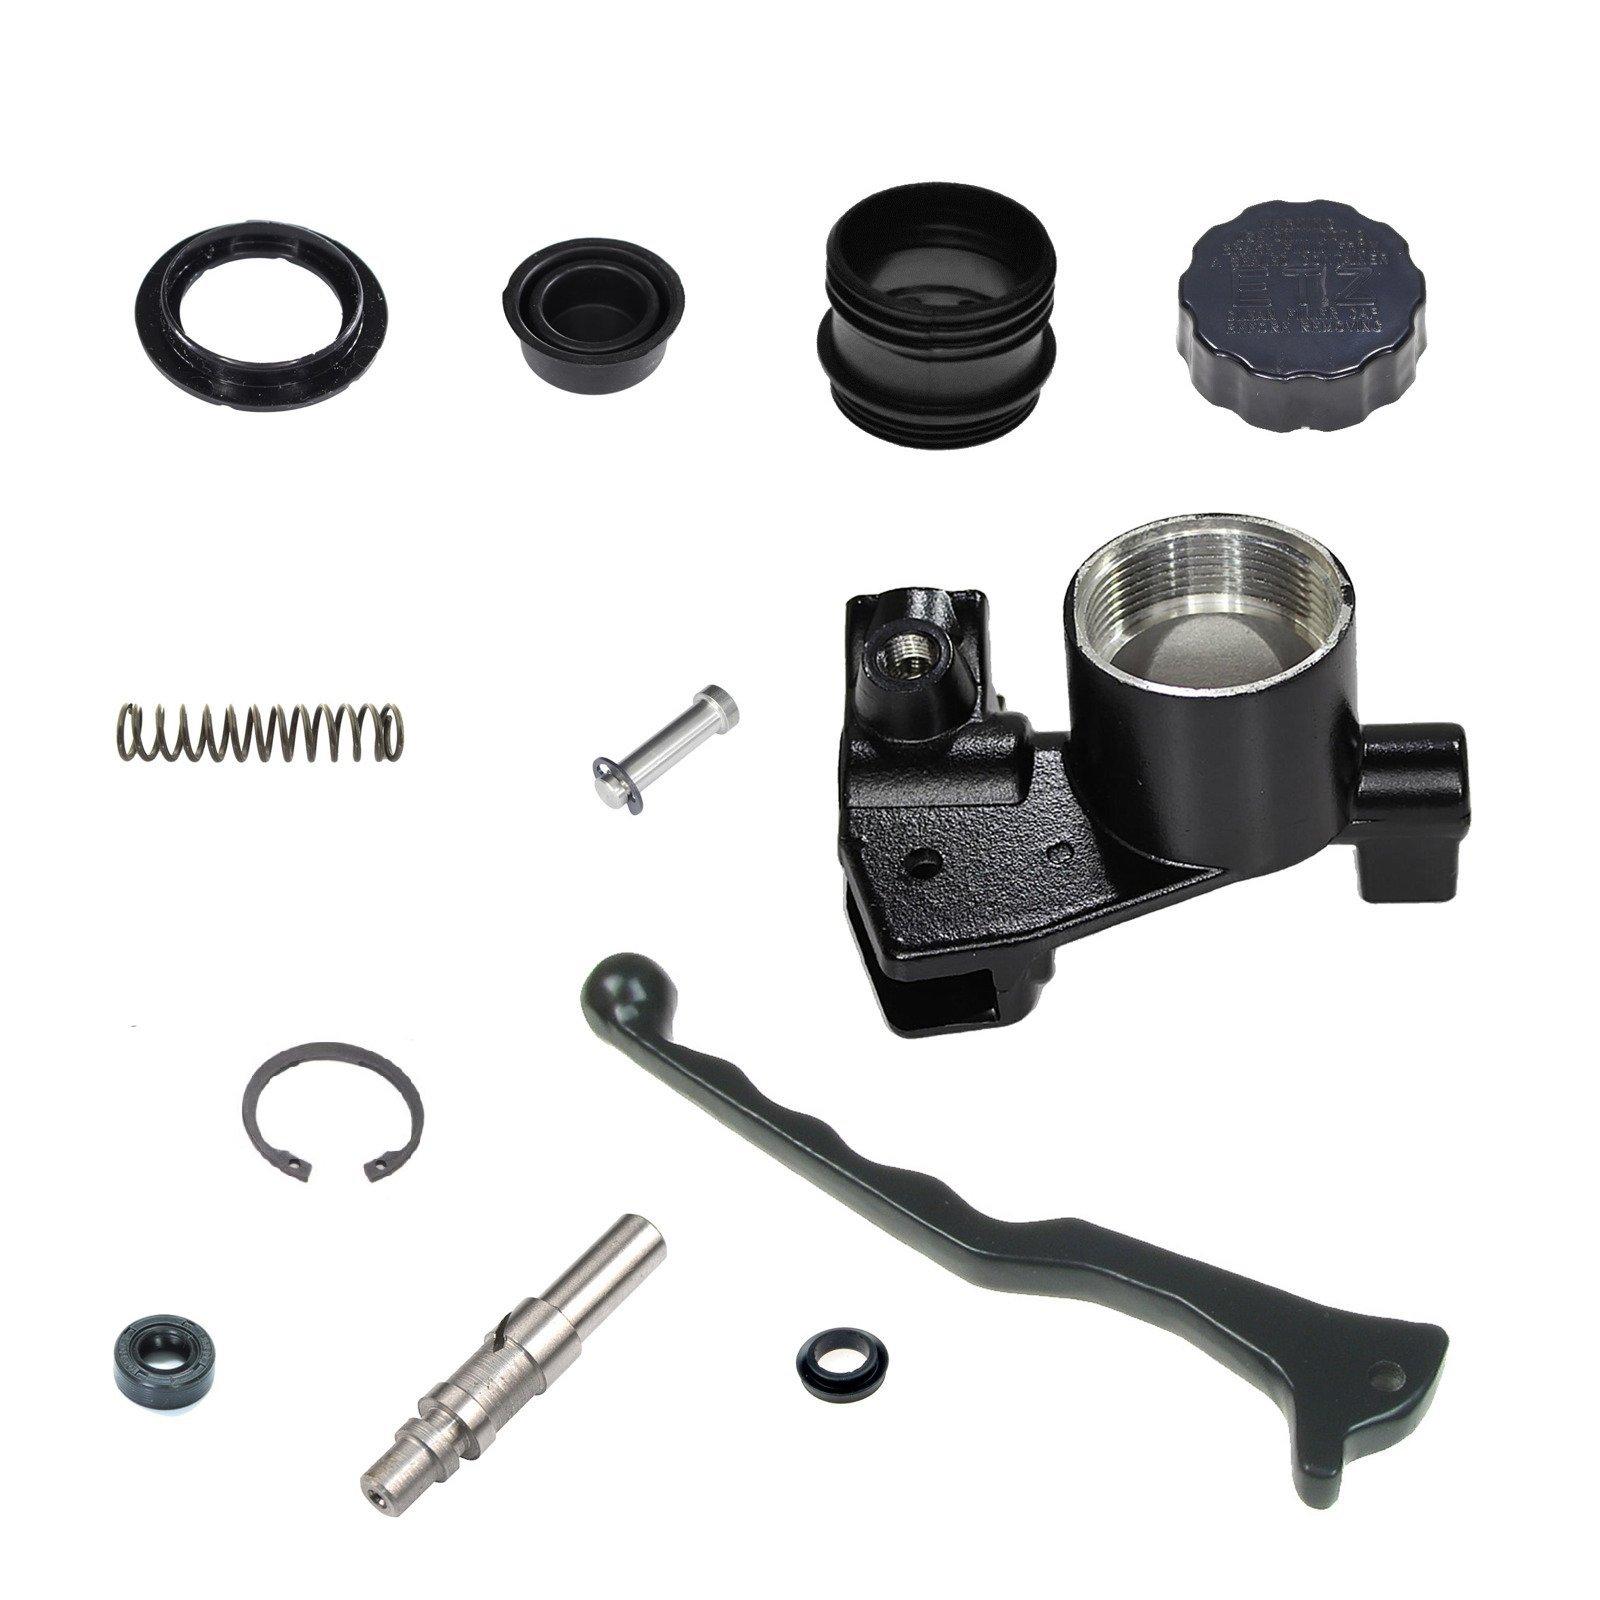 1 Set 125mm Motor Handbremskupplung Hauptbremszylinder Bremspumpe Kupplungsabf/älle Kompatibel mit Shadow 400 600 Magna 250 Steed 400